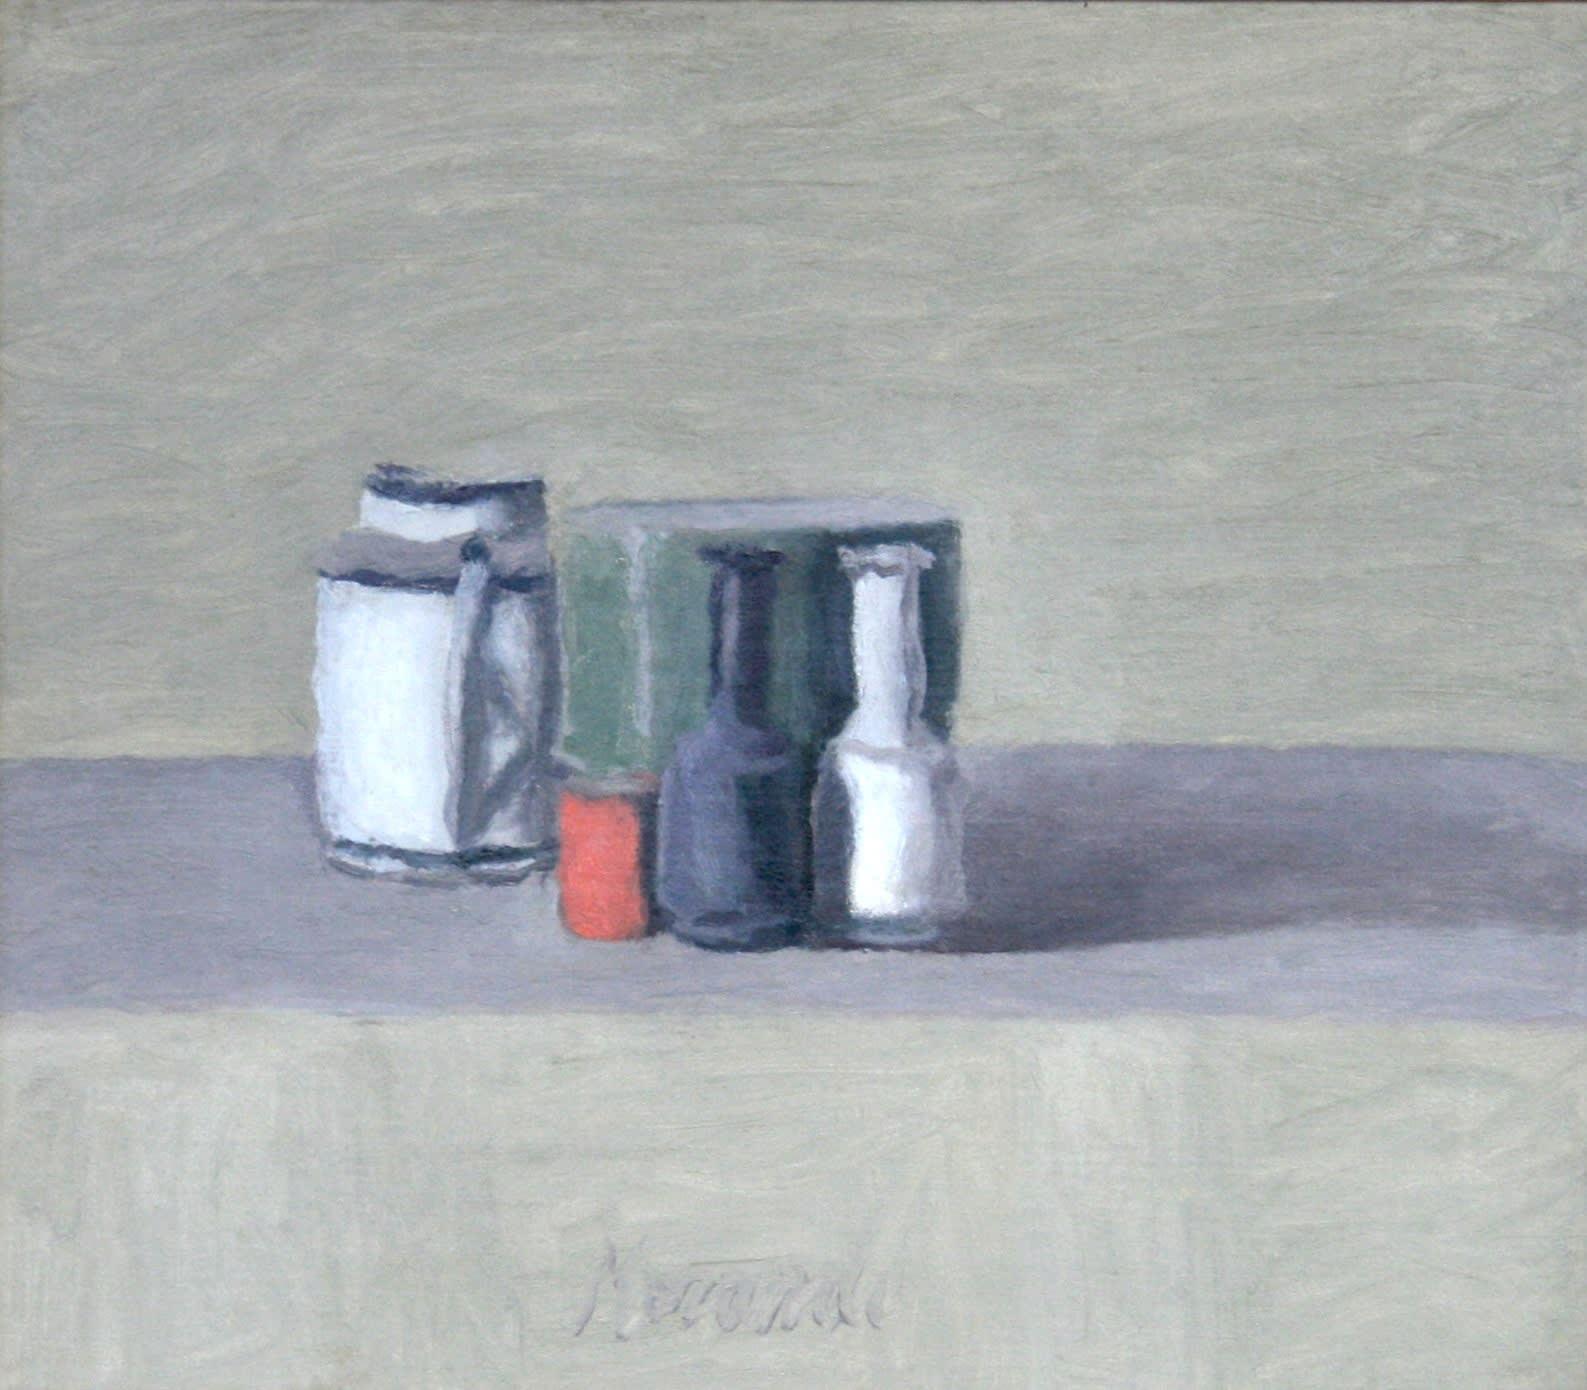 Giorgio MORANDI (1890 – 1964) Natura Morta, 1957 Oil on canvas 13 7/8 x 15 7/8 inches / 35.4 x 40.3 cm Signed lower centre Morandi